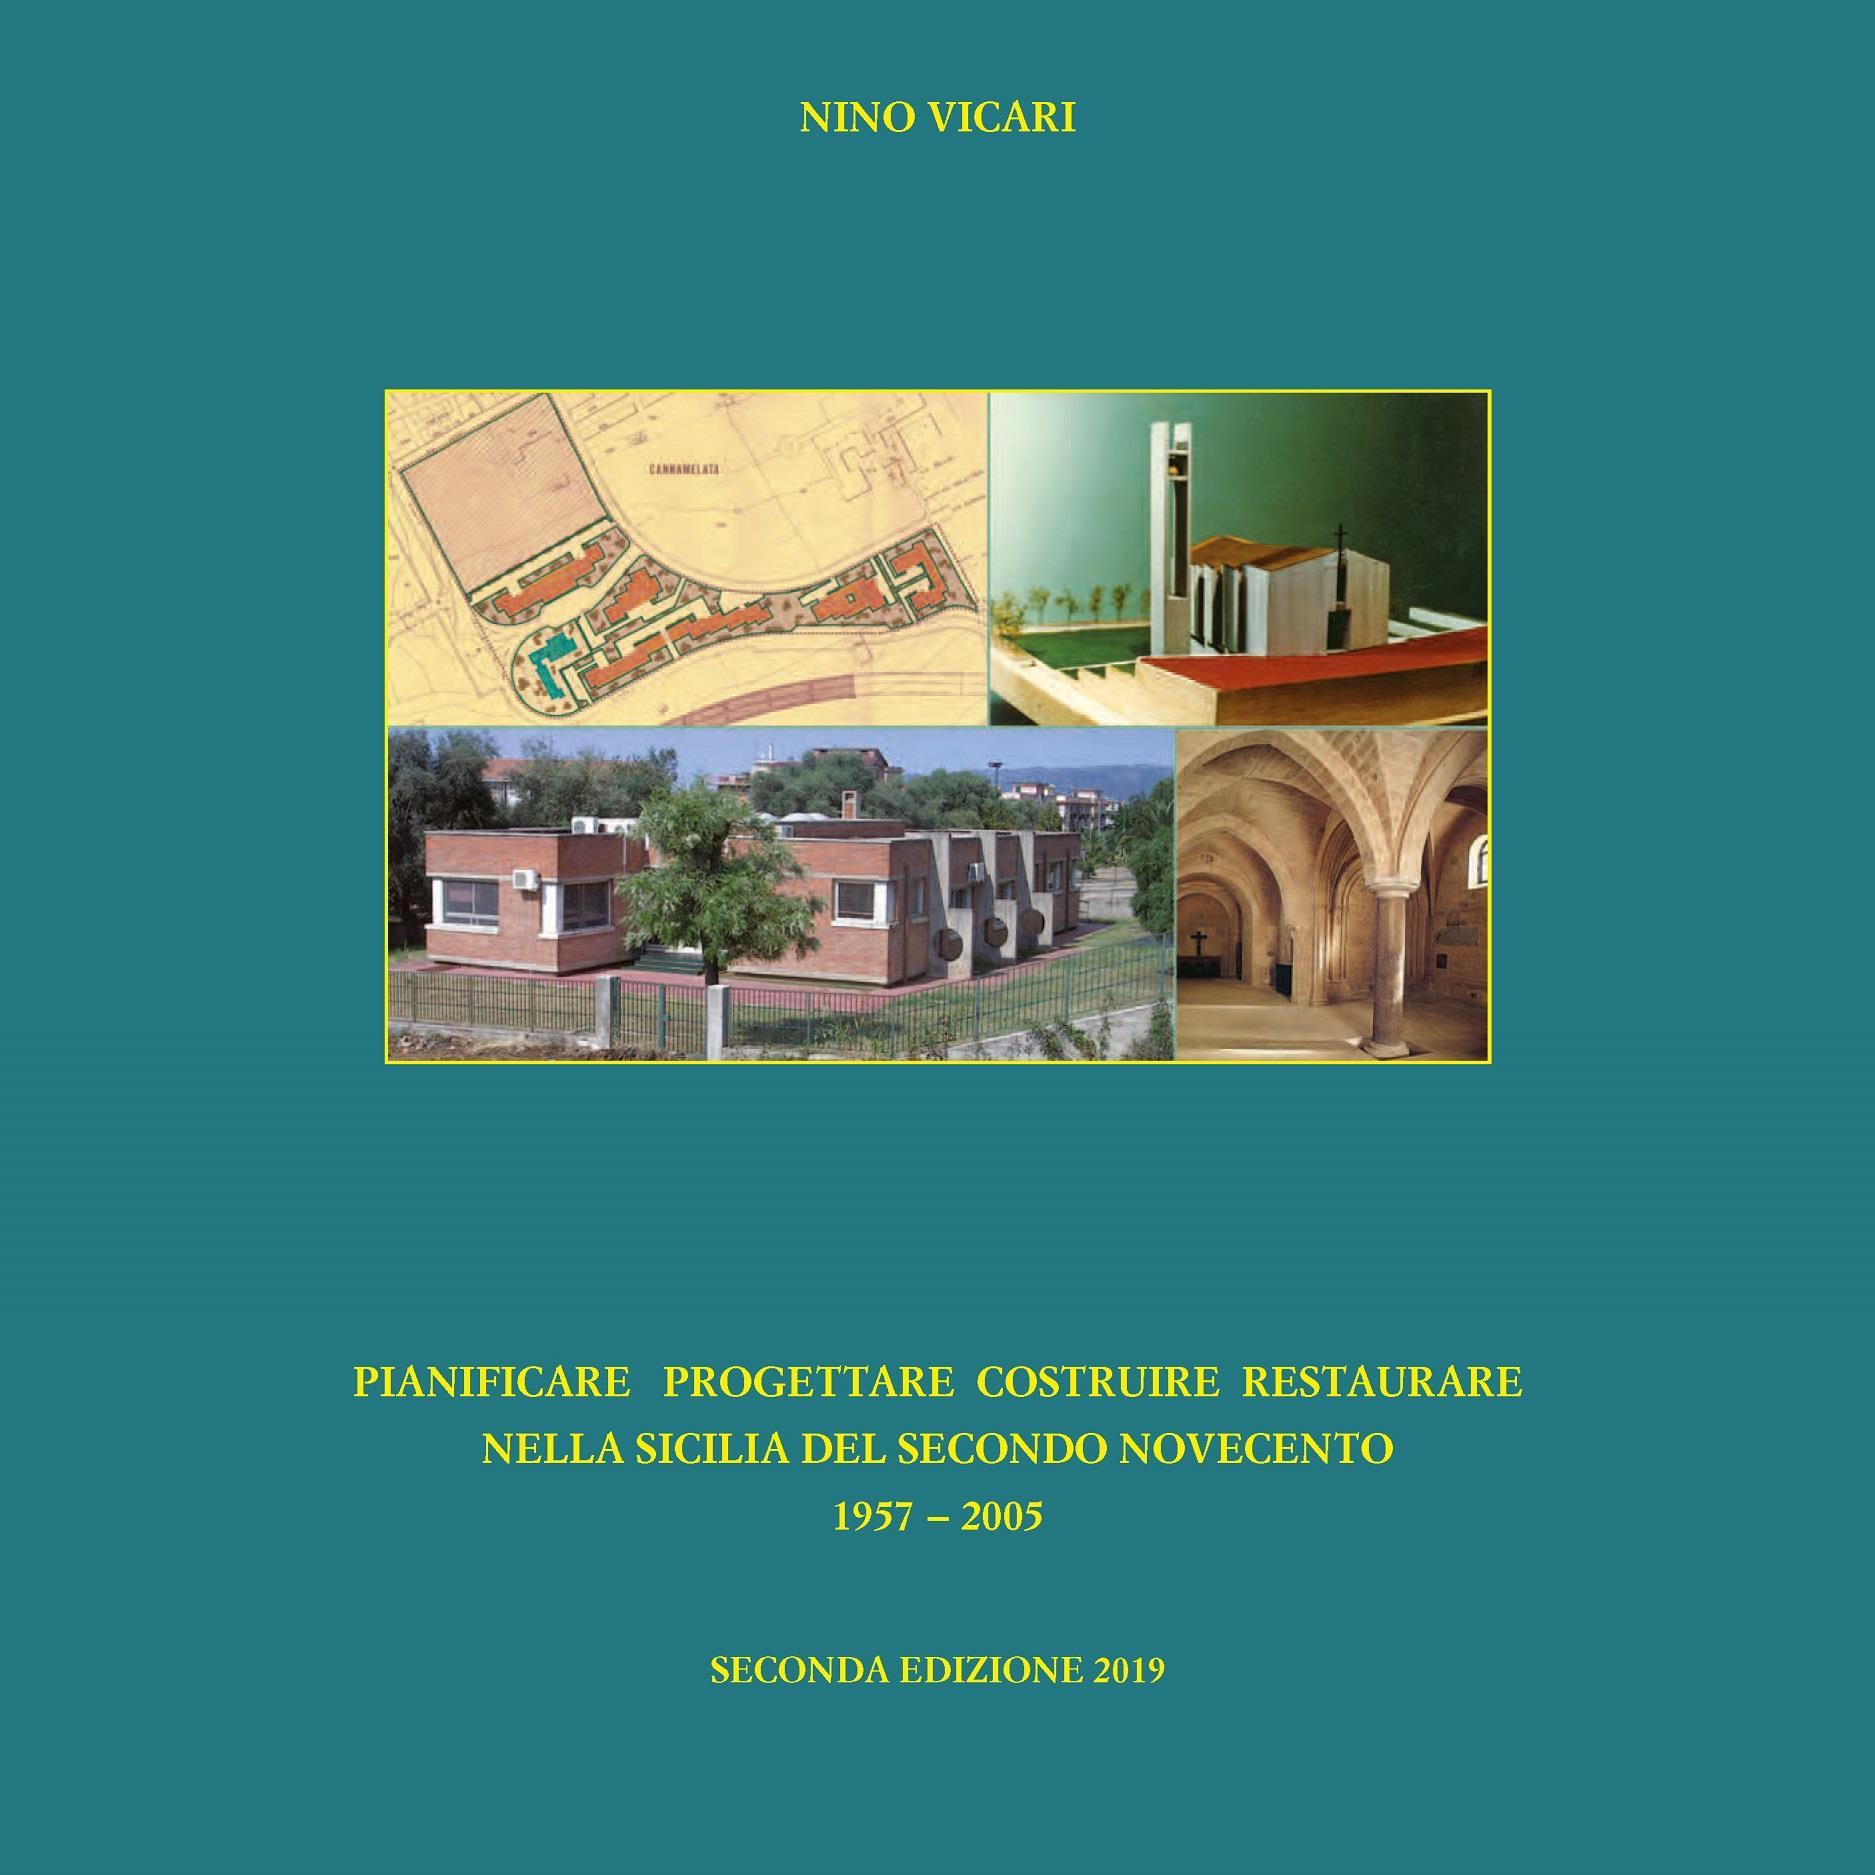 Pianificare Progettare Costruire Restaurare Nella Sicilia Del Secondo Novecento 1957 − 2005